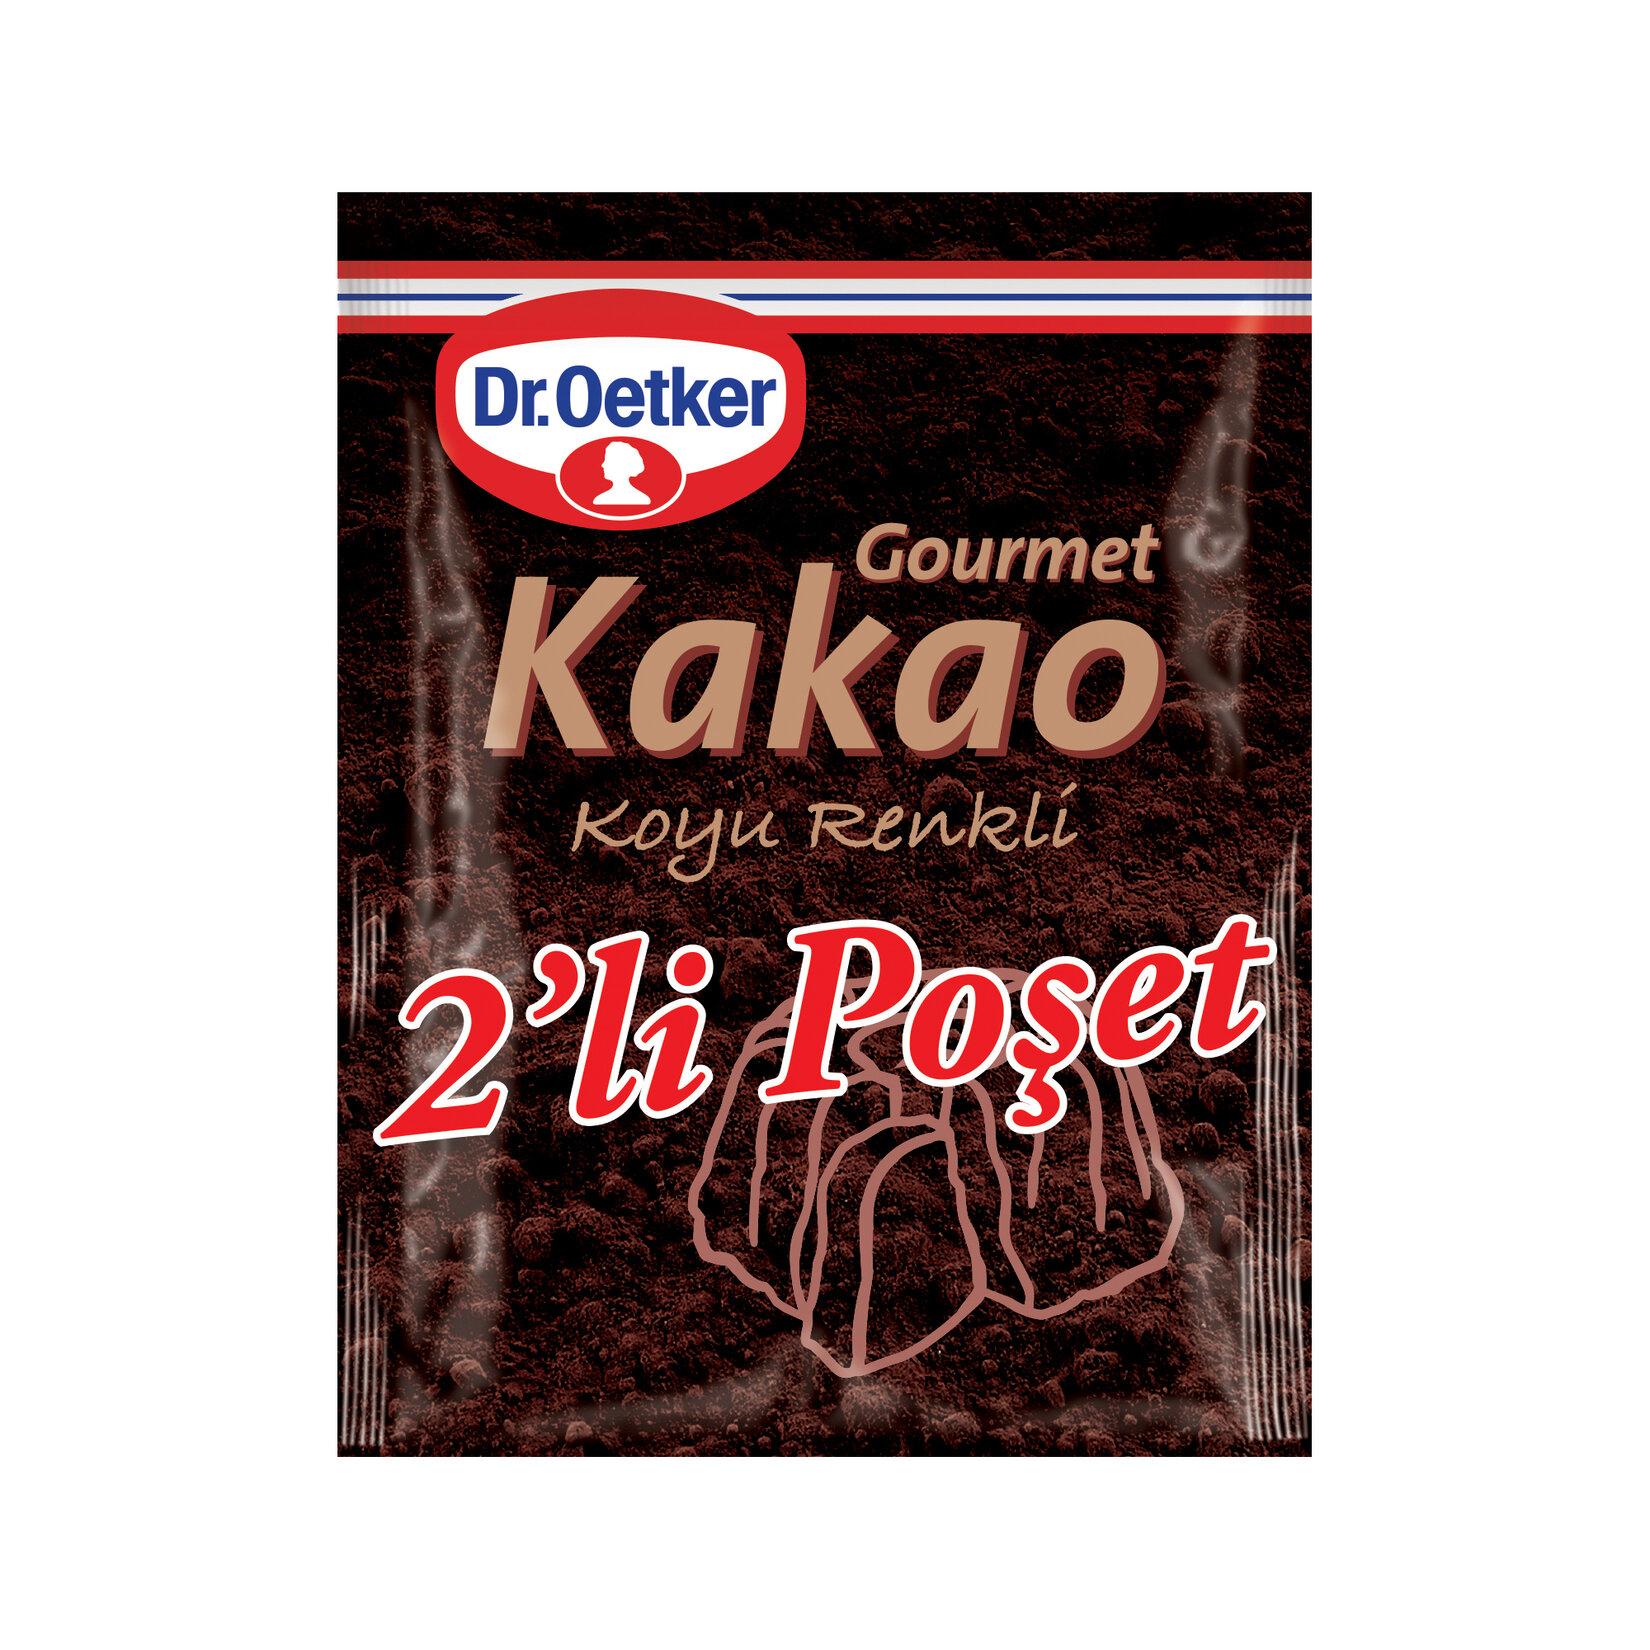 Dr Oetker Gourmet Kakao 50 Gr.